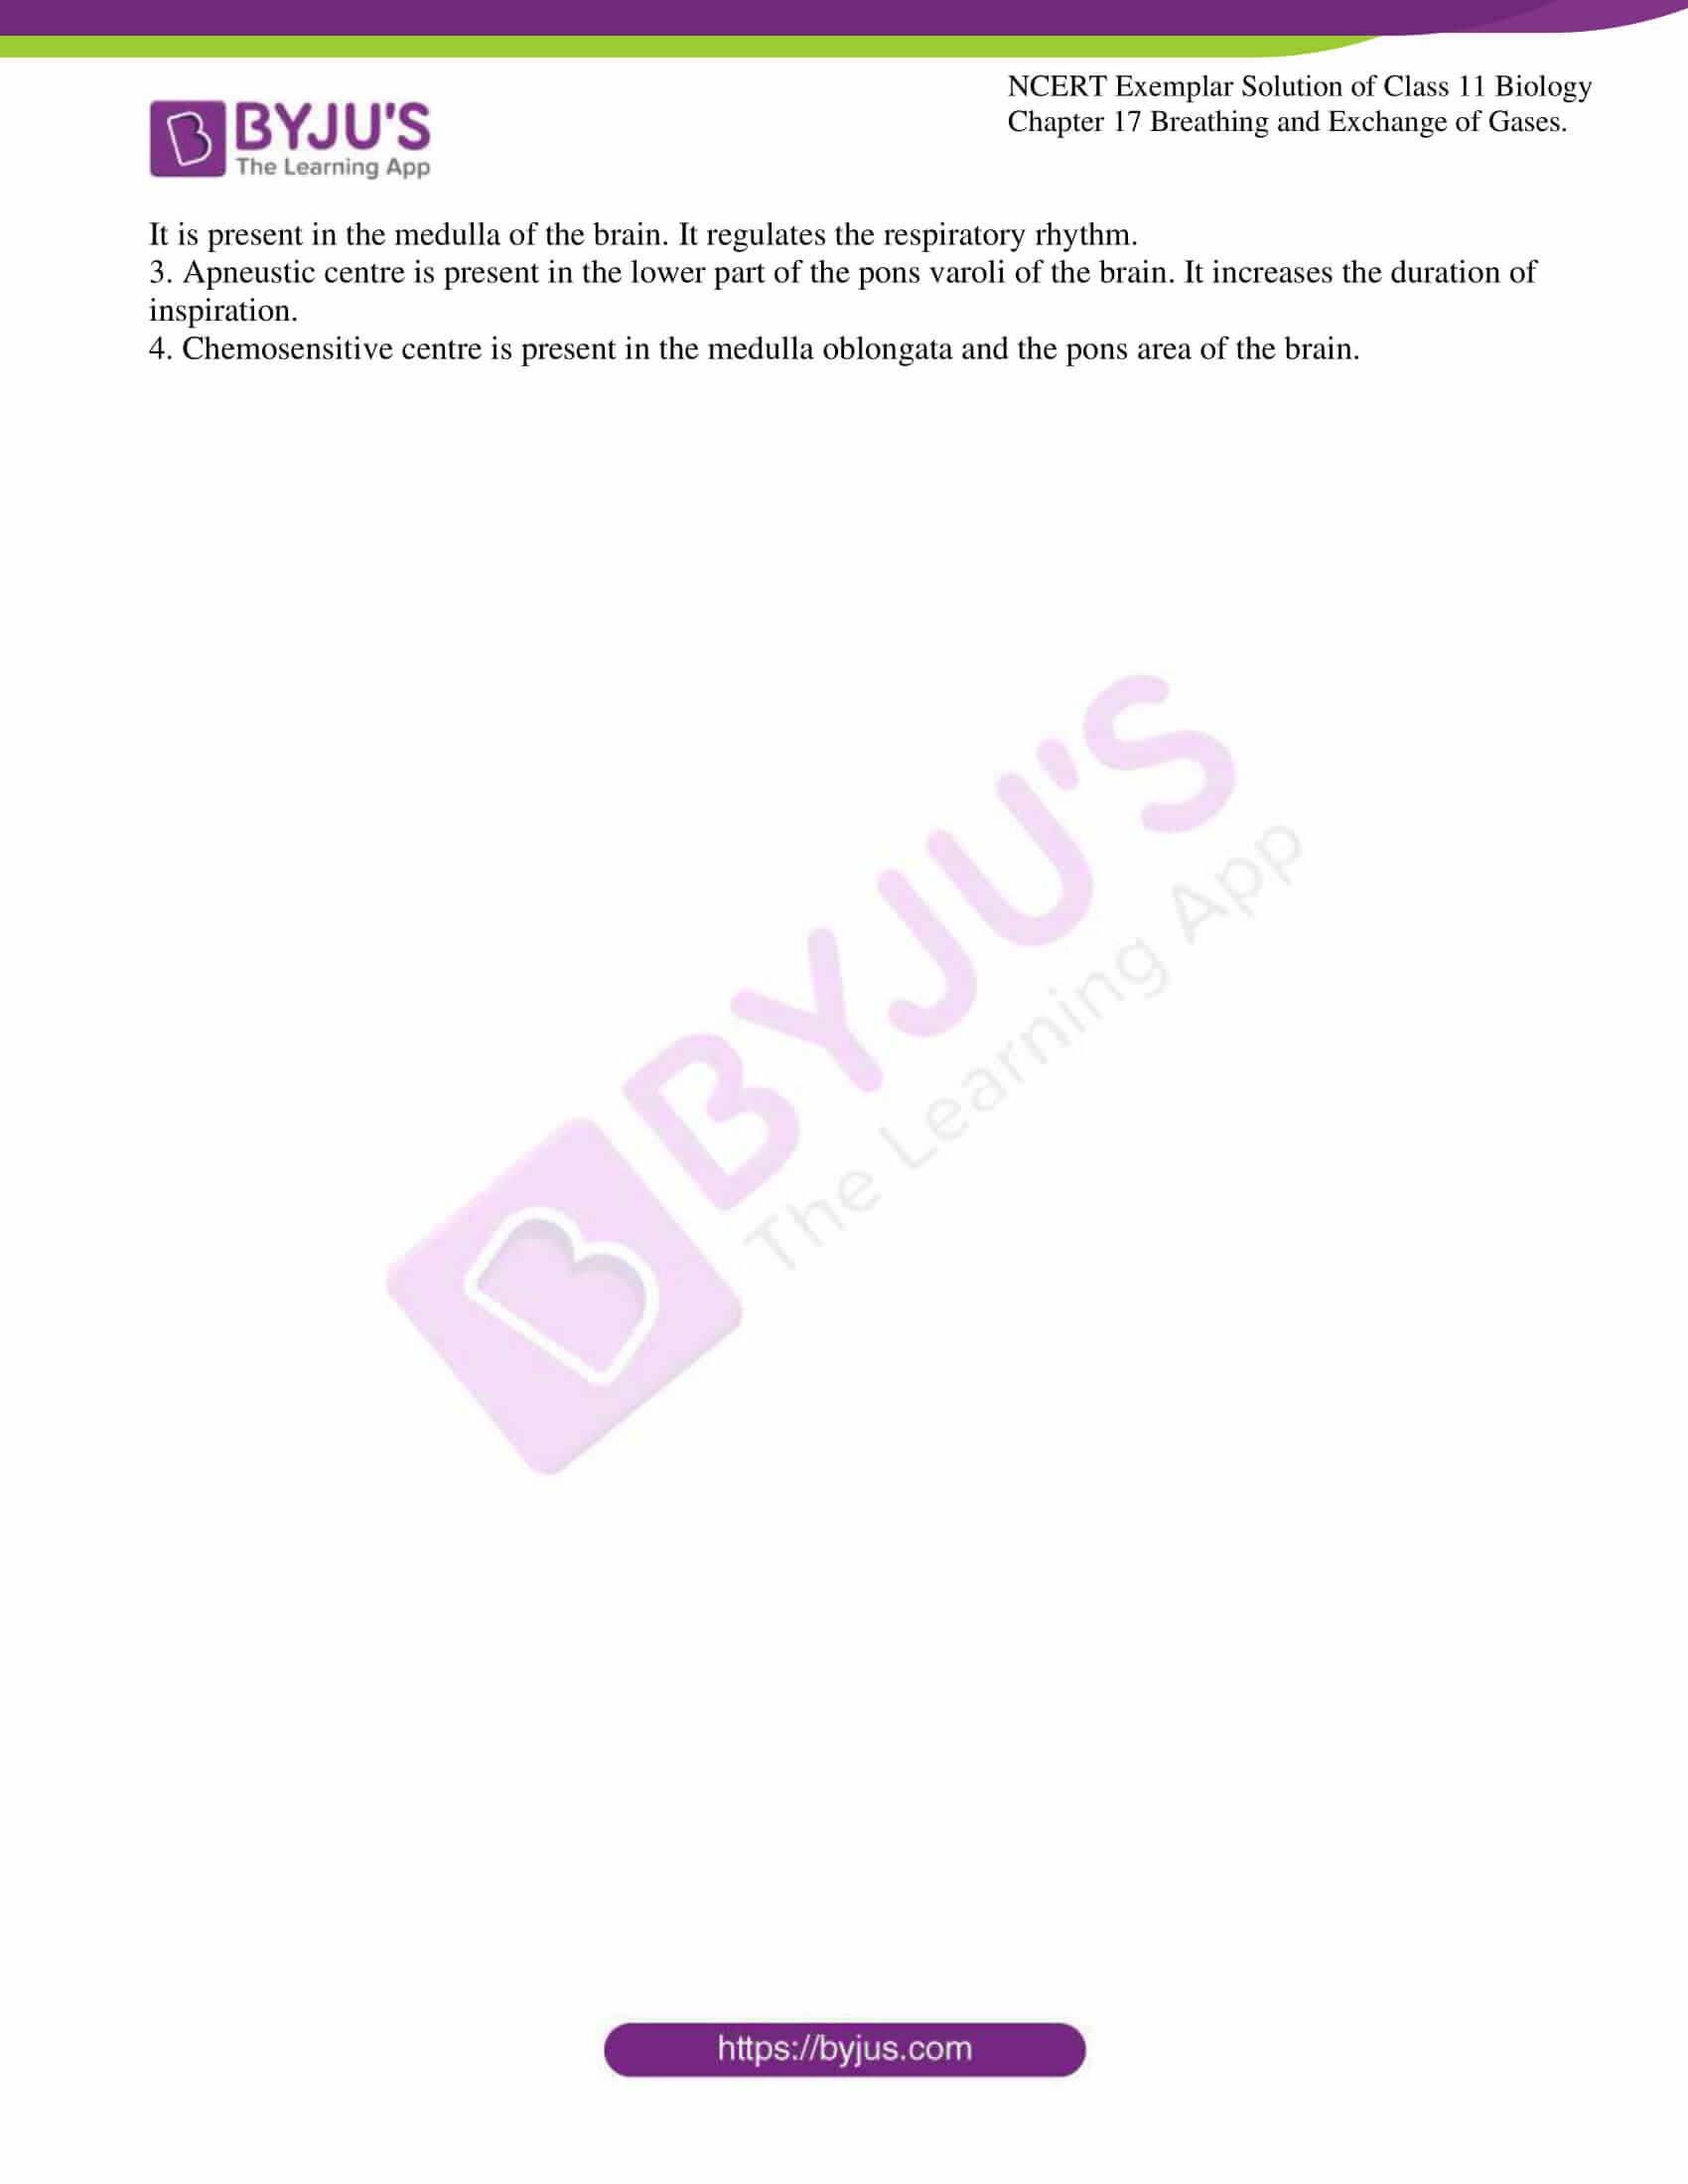 ncert exemplar solutions class 11 biology chapter 17 9